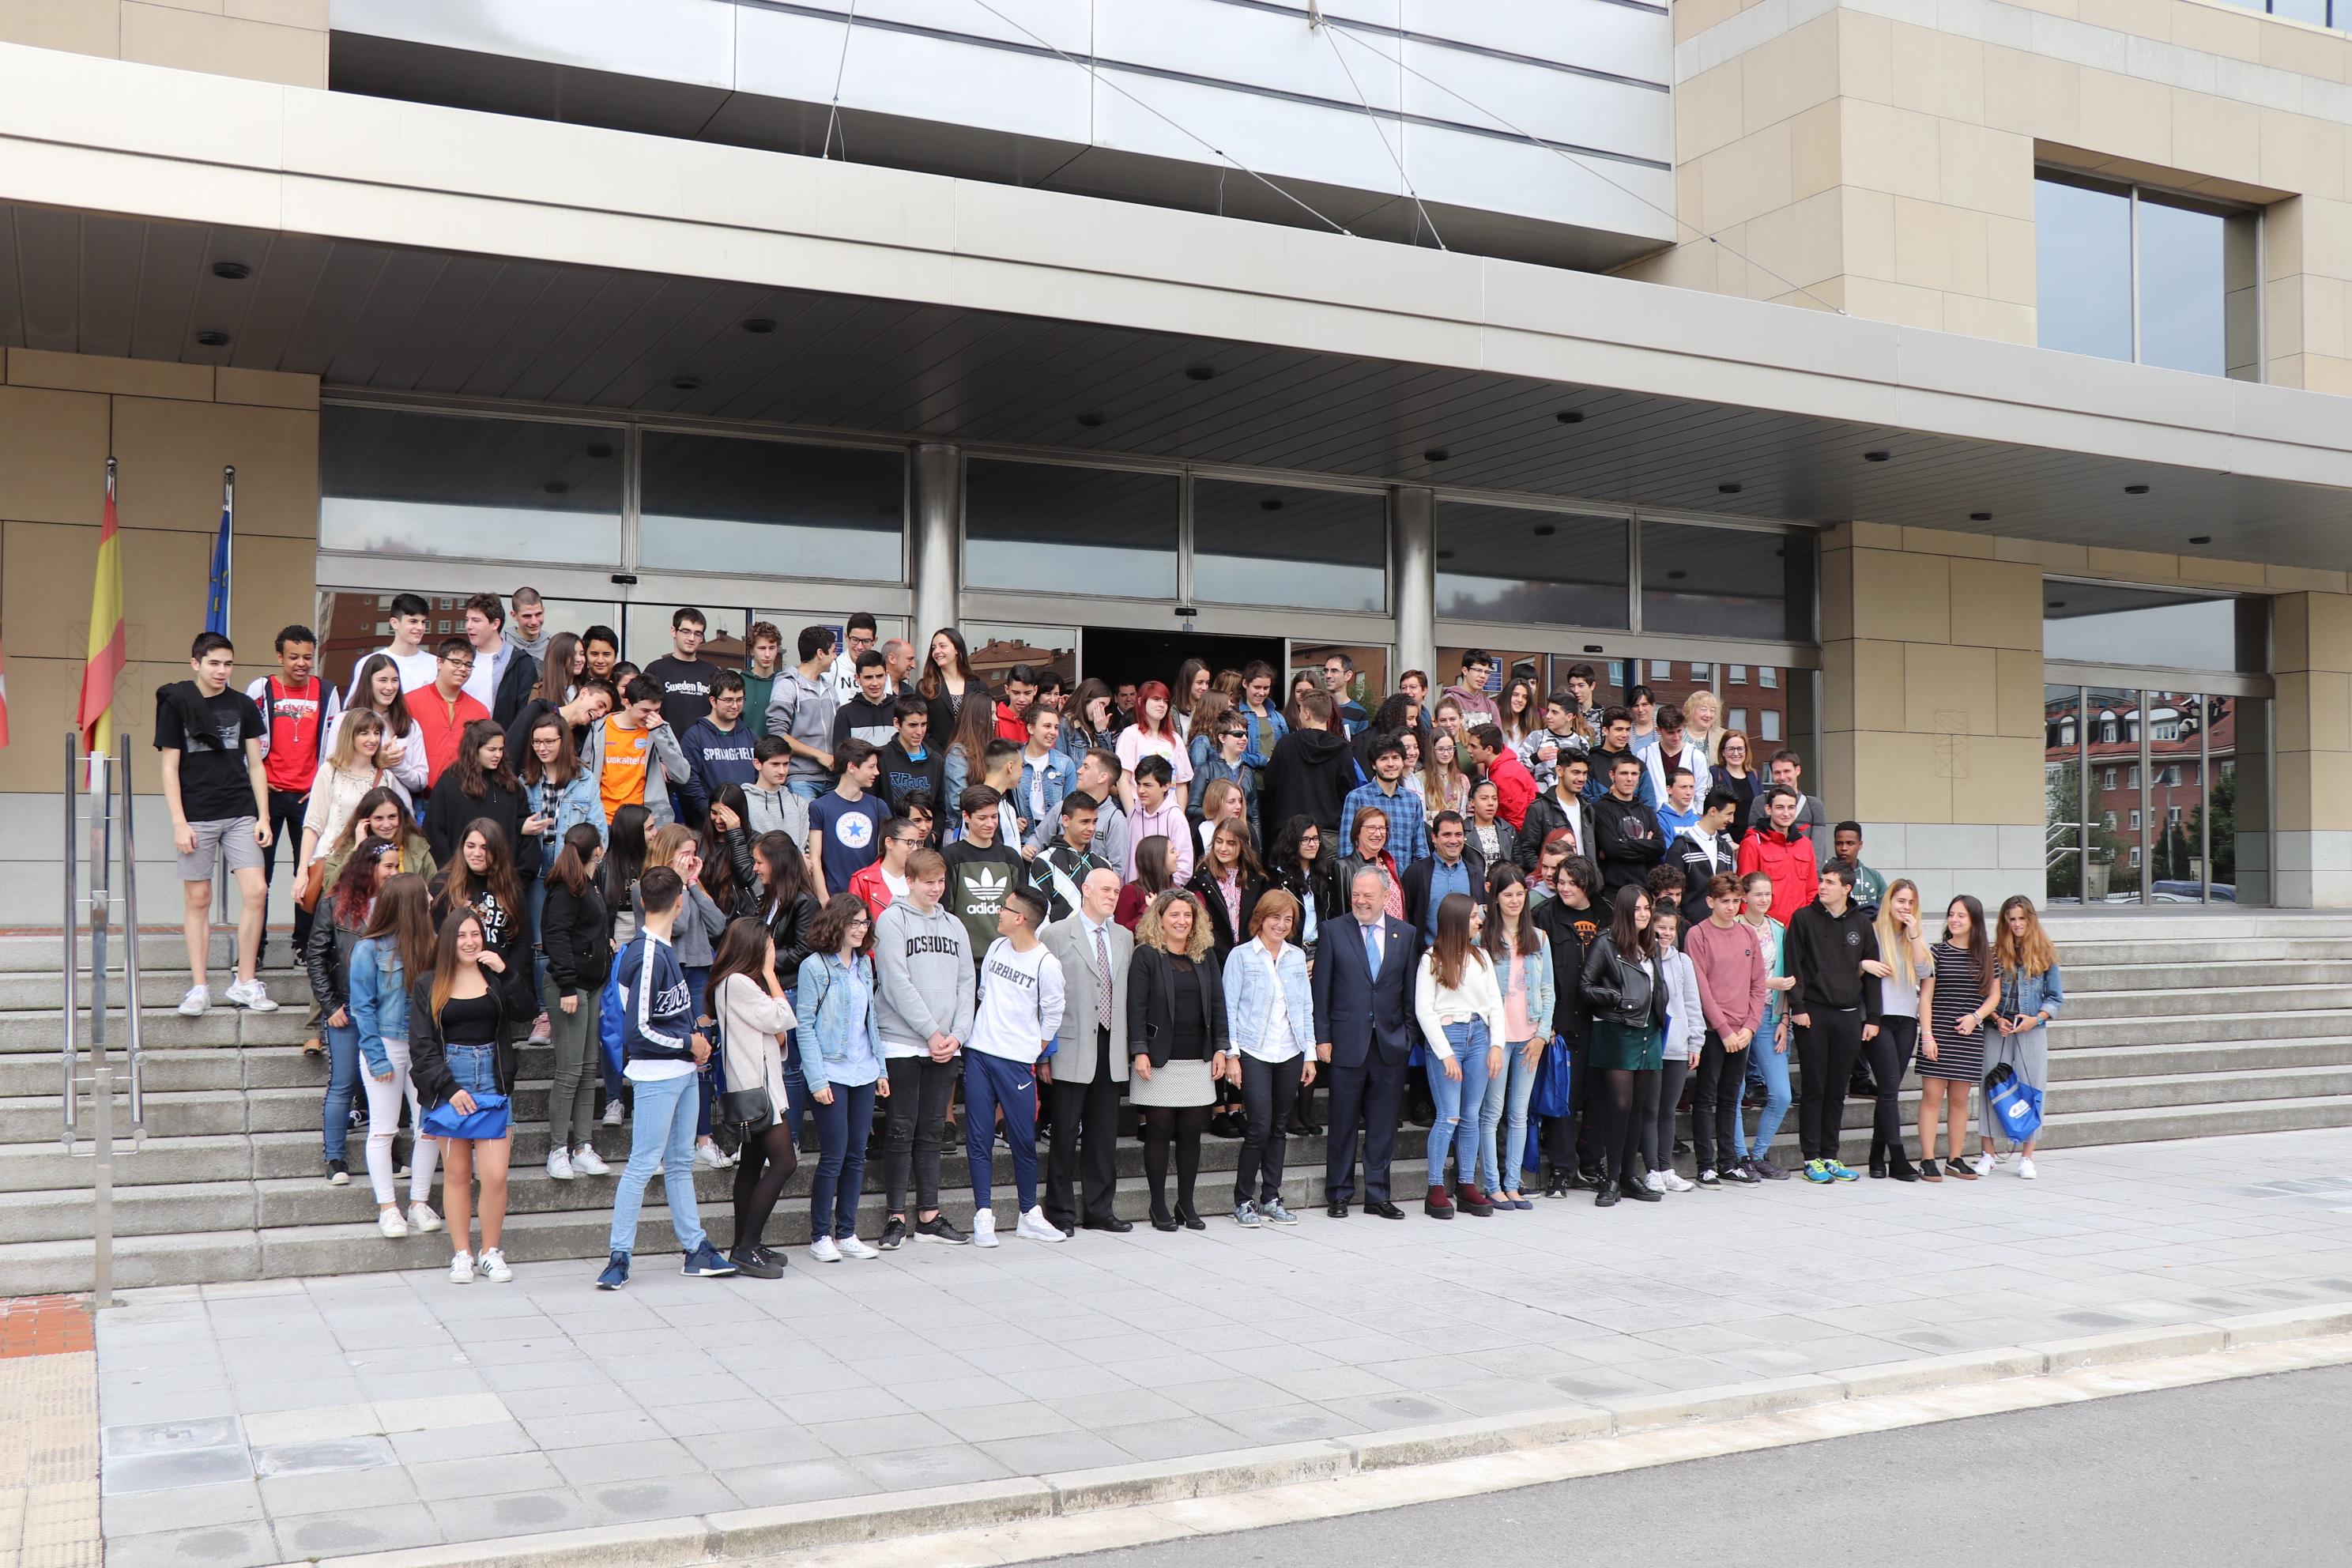 Uriarte y Azpiazu sailburuak 100 ikasle baino gehiagorekin izan dira Lakuara egin duten bisitaldian, Ekonomia Itunaren 140 urteurrenaren esparruan